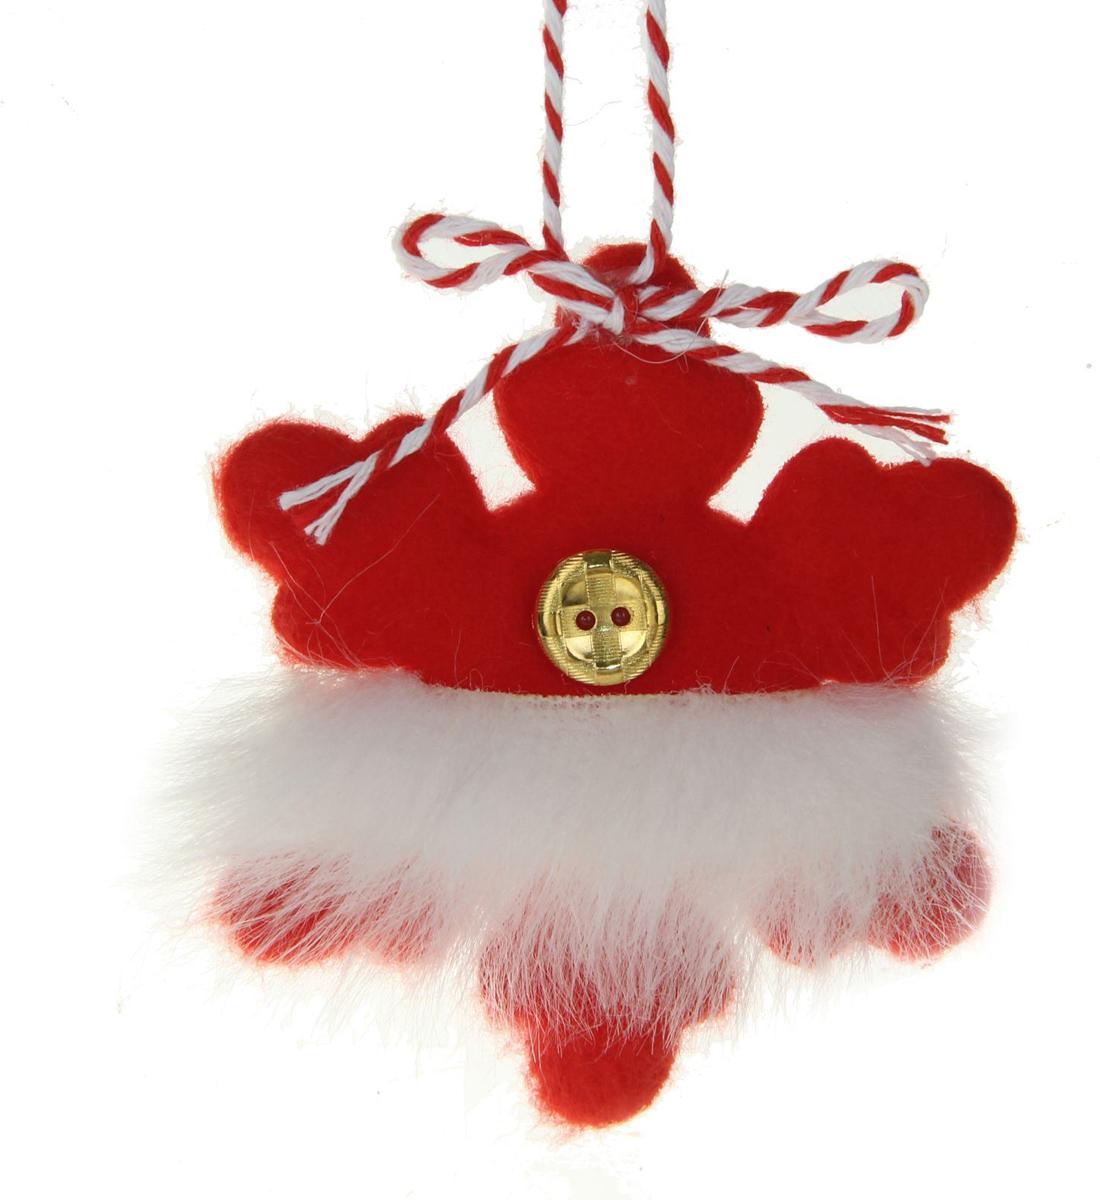 Новогоднее подвесное украшение Sima-land Пушистая звездочка, 9 х 7 см1381158Новогоднее украшение Sima-land отлично подойдет для декорации вашего дома и новогодней ели.Елочная игрушка - символ Нового года. Она несет в себе волшебство и красоту праздника. Такое украшение создаст в вашем доме атмосферу праздника, веселья и радости.